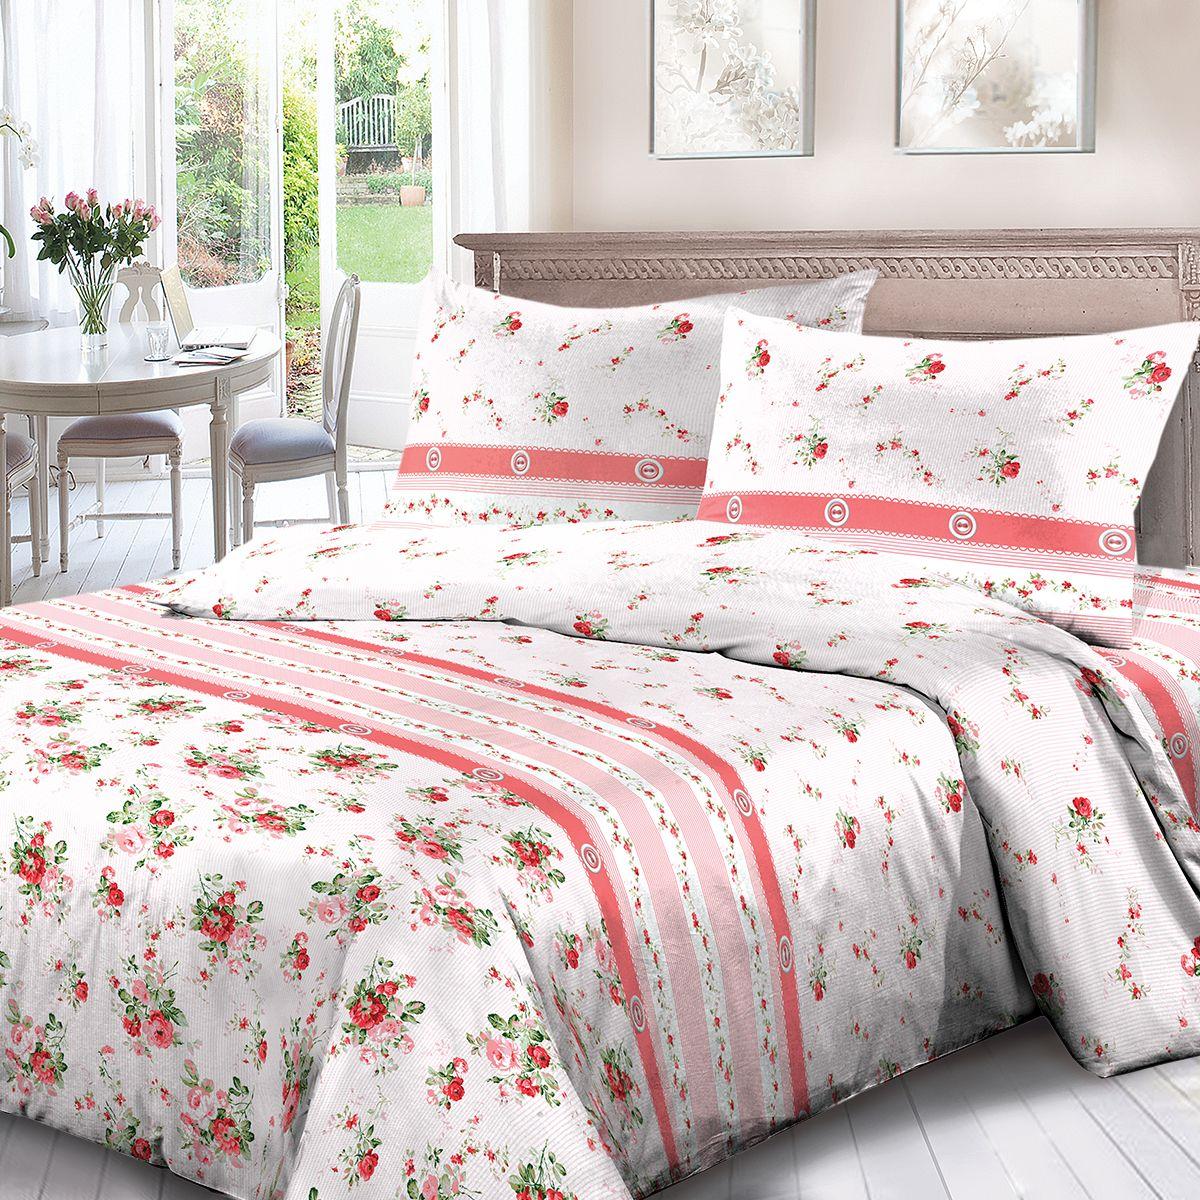 Комплект белья Для Снов Мирабель, 1,5 спальное, наволочки 70x70, цвет: розовый. 3668-181965